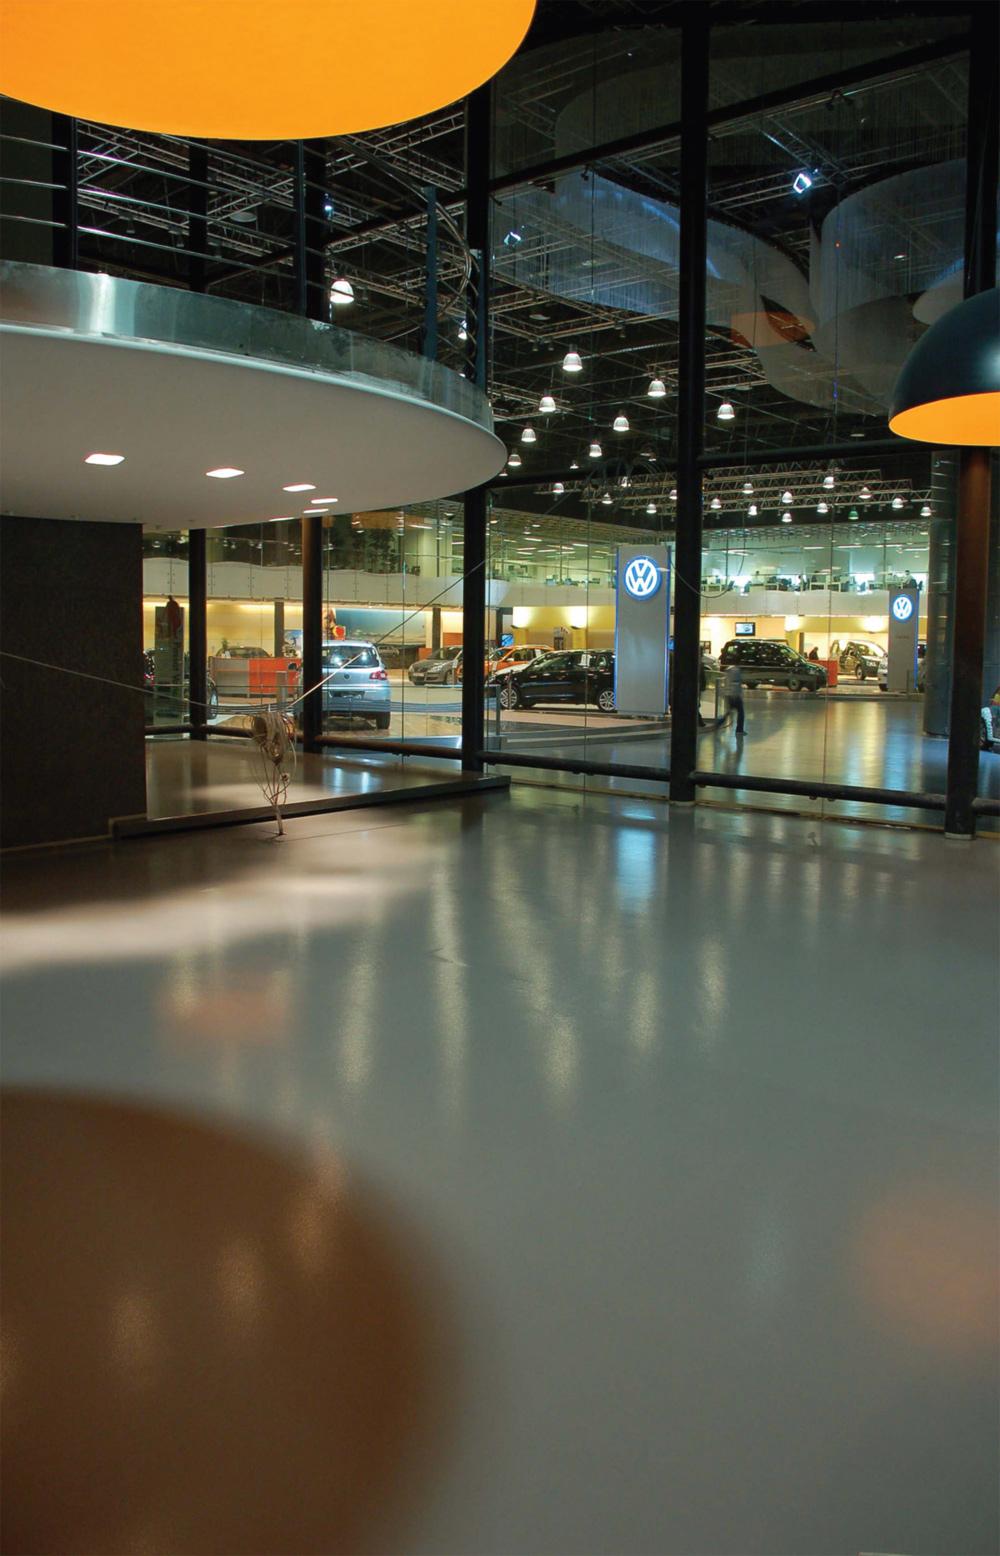 Poliuretanski podovi se primenjuju u širokom spektru javnih objekata